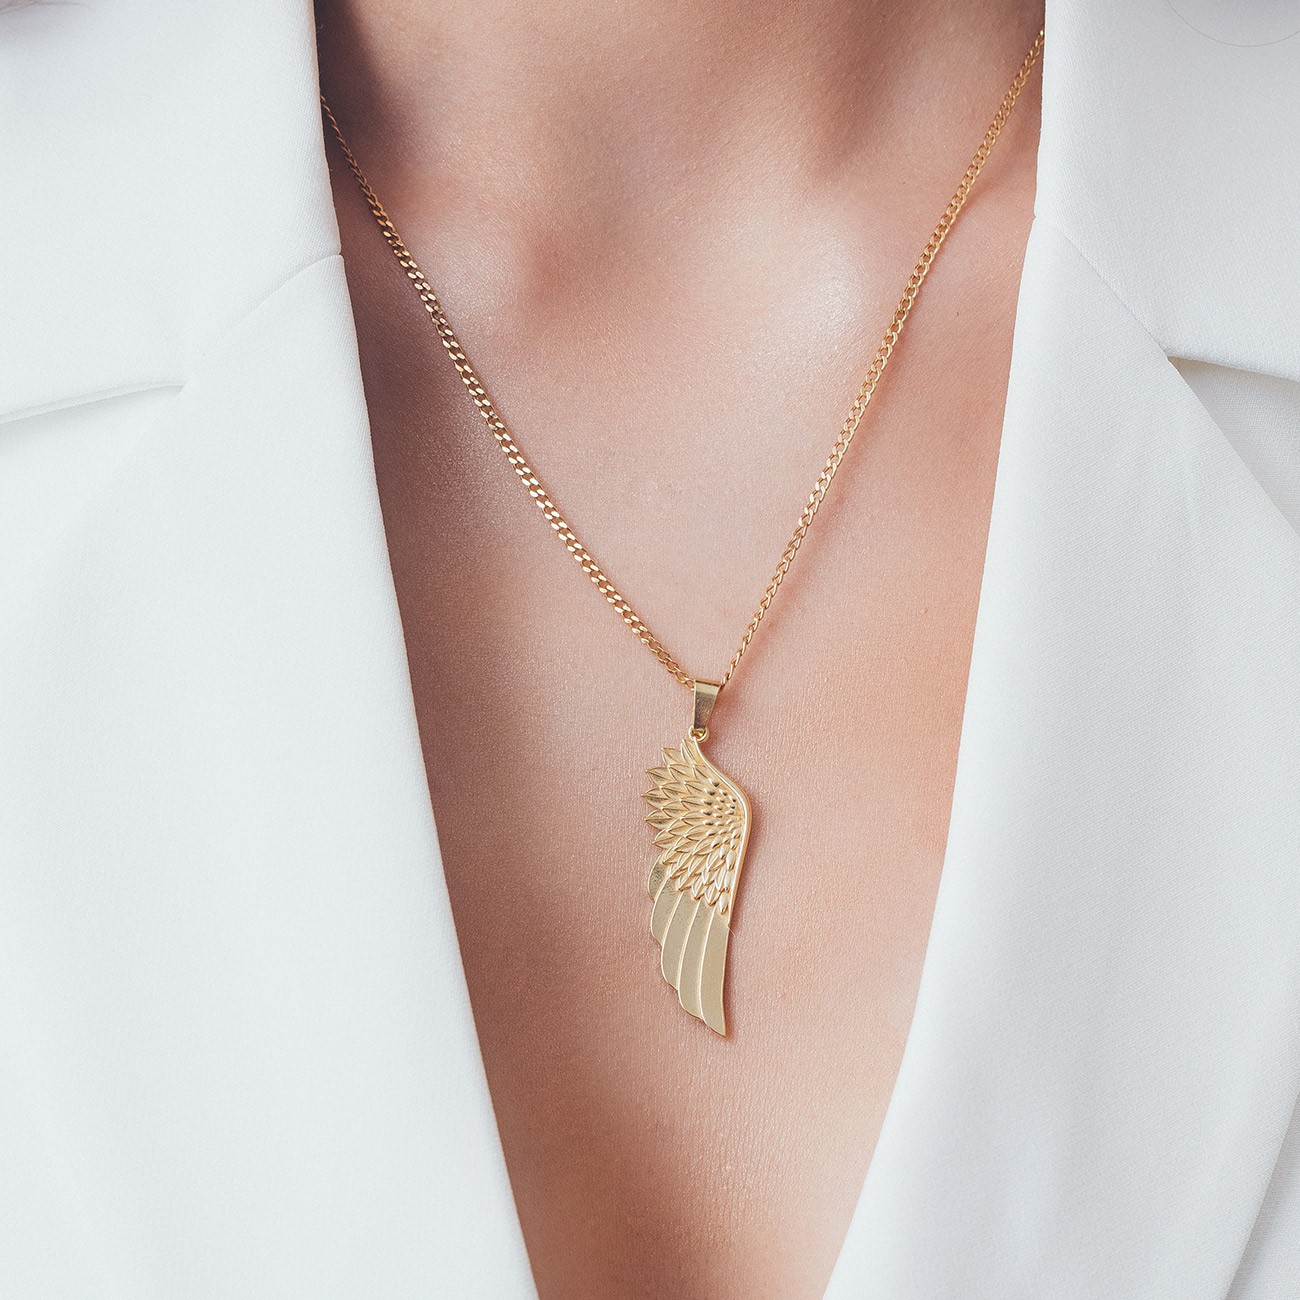 Naszyjnik skrzydło, srebro 925